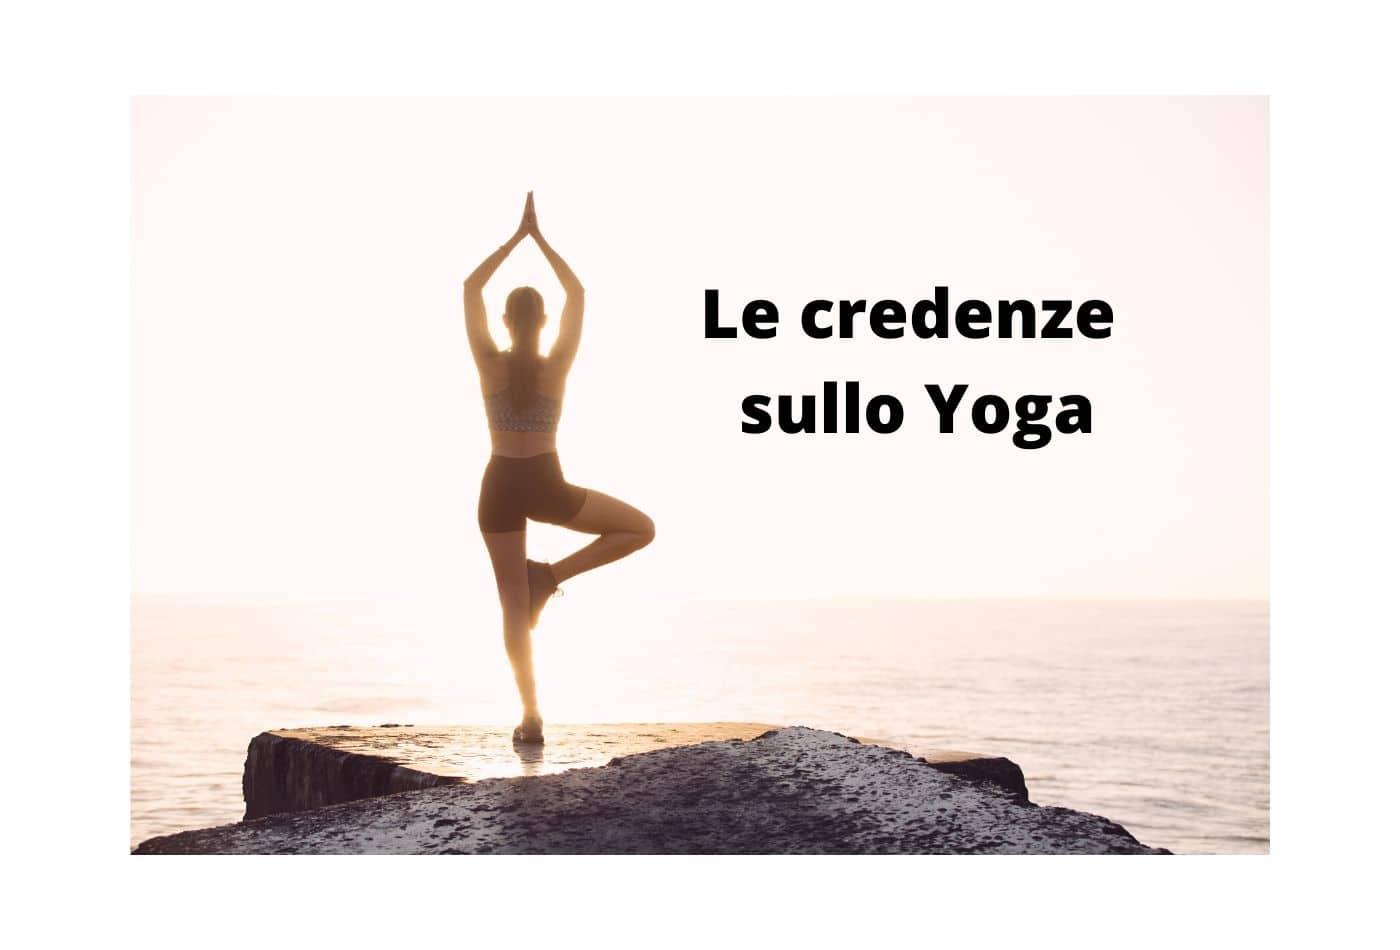 Le credenze sullo Yoga.